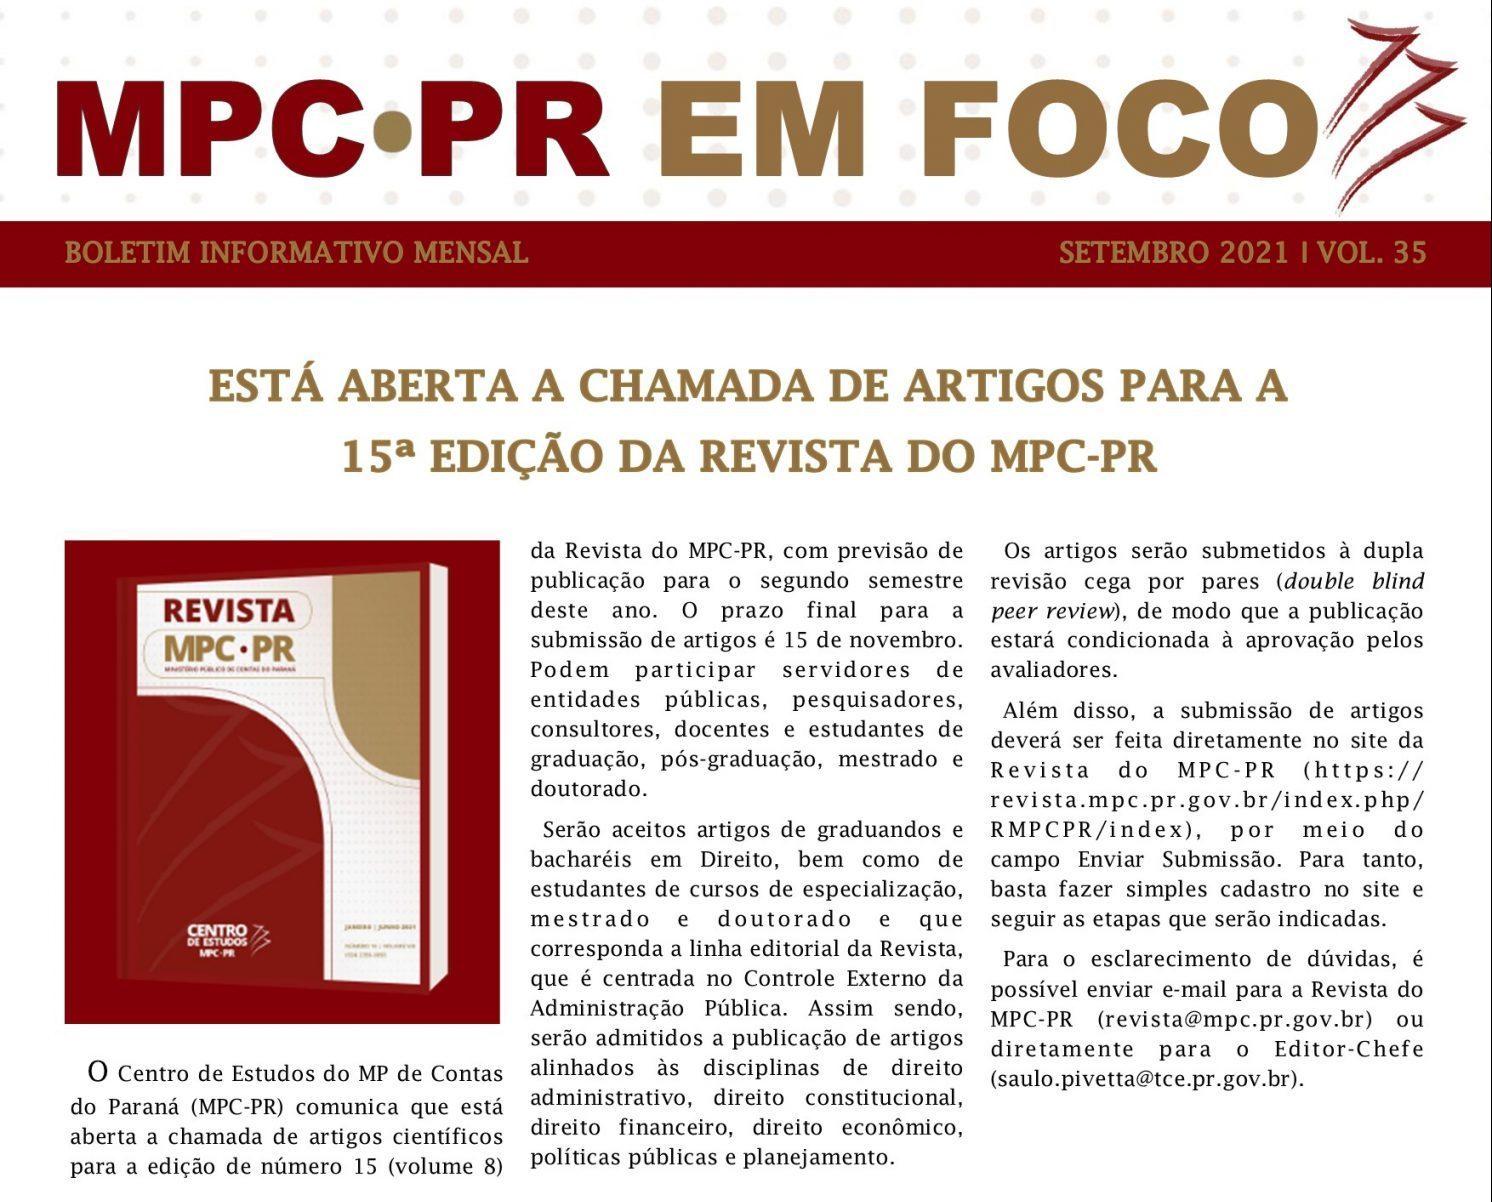 Boletim Informativo MPC-PR em Foco setembro/2021